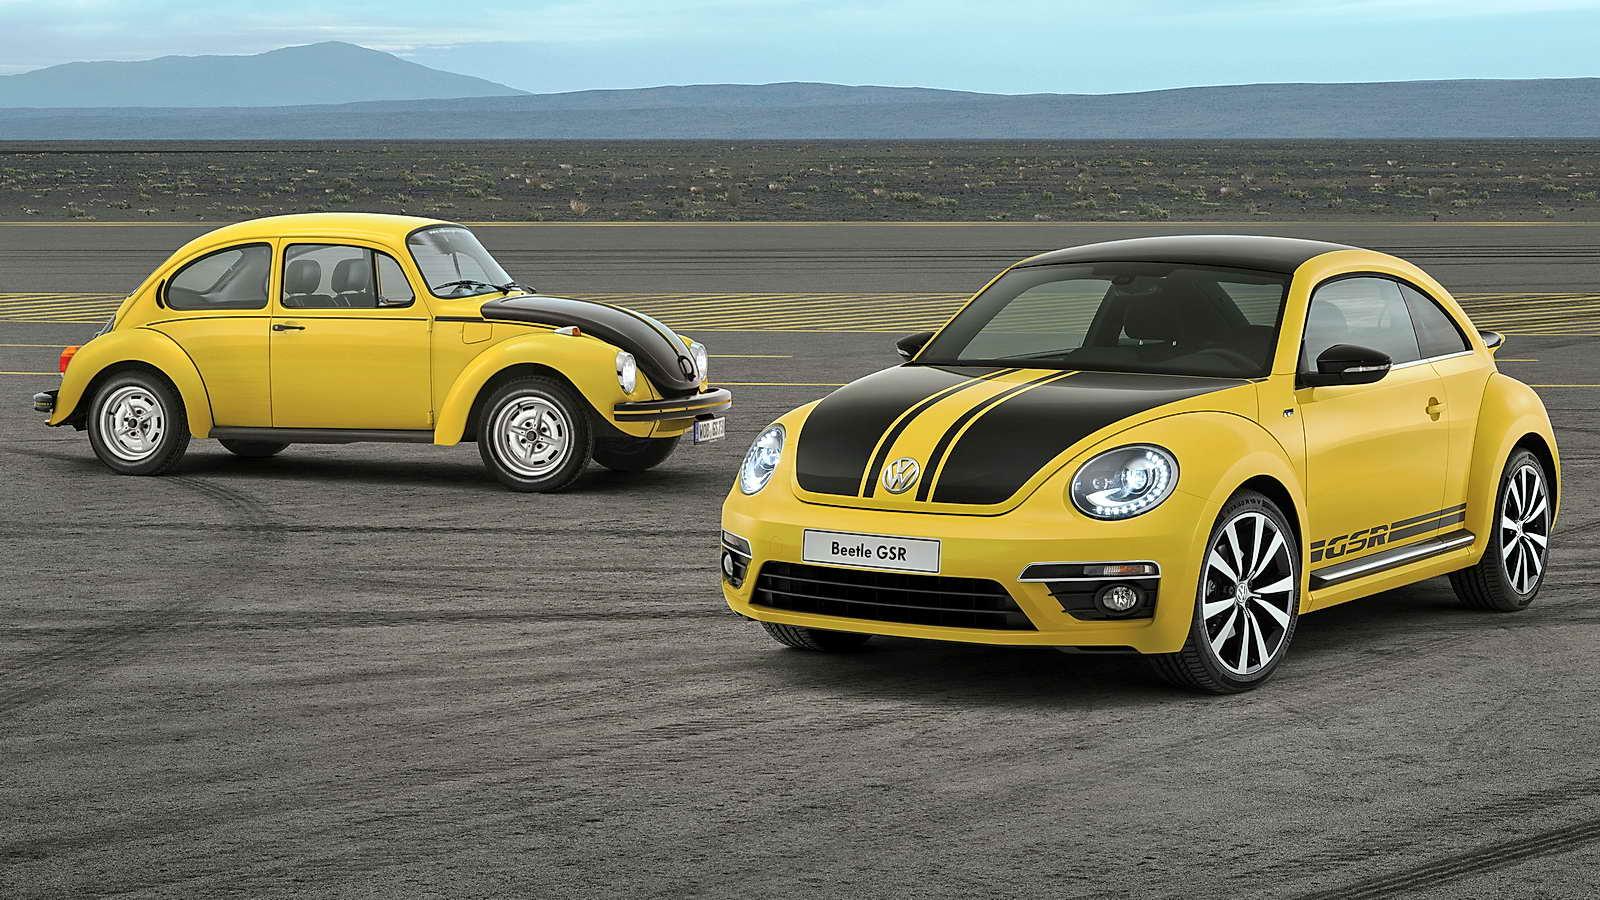 Volkswagen-Beetle-GSR-01